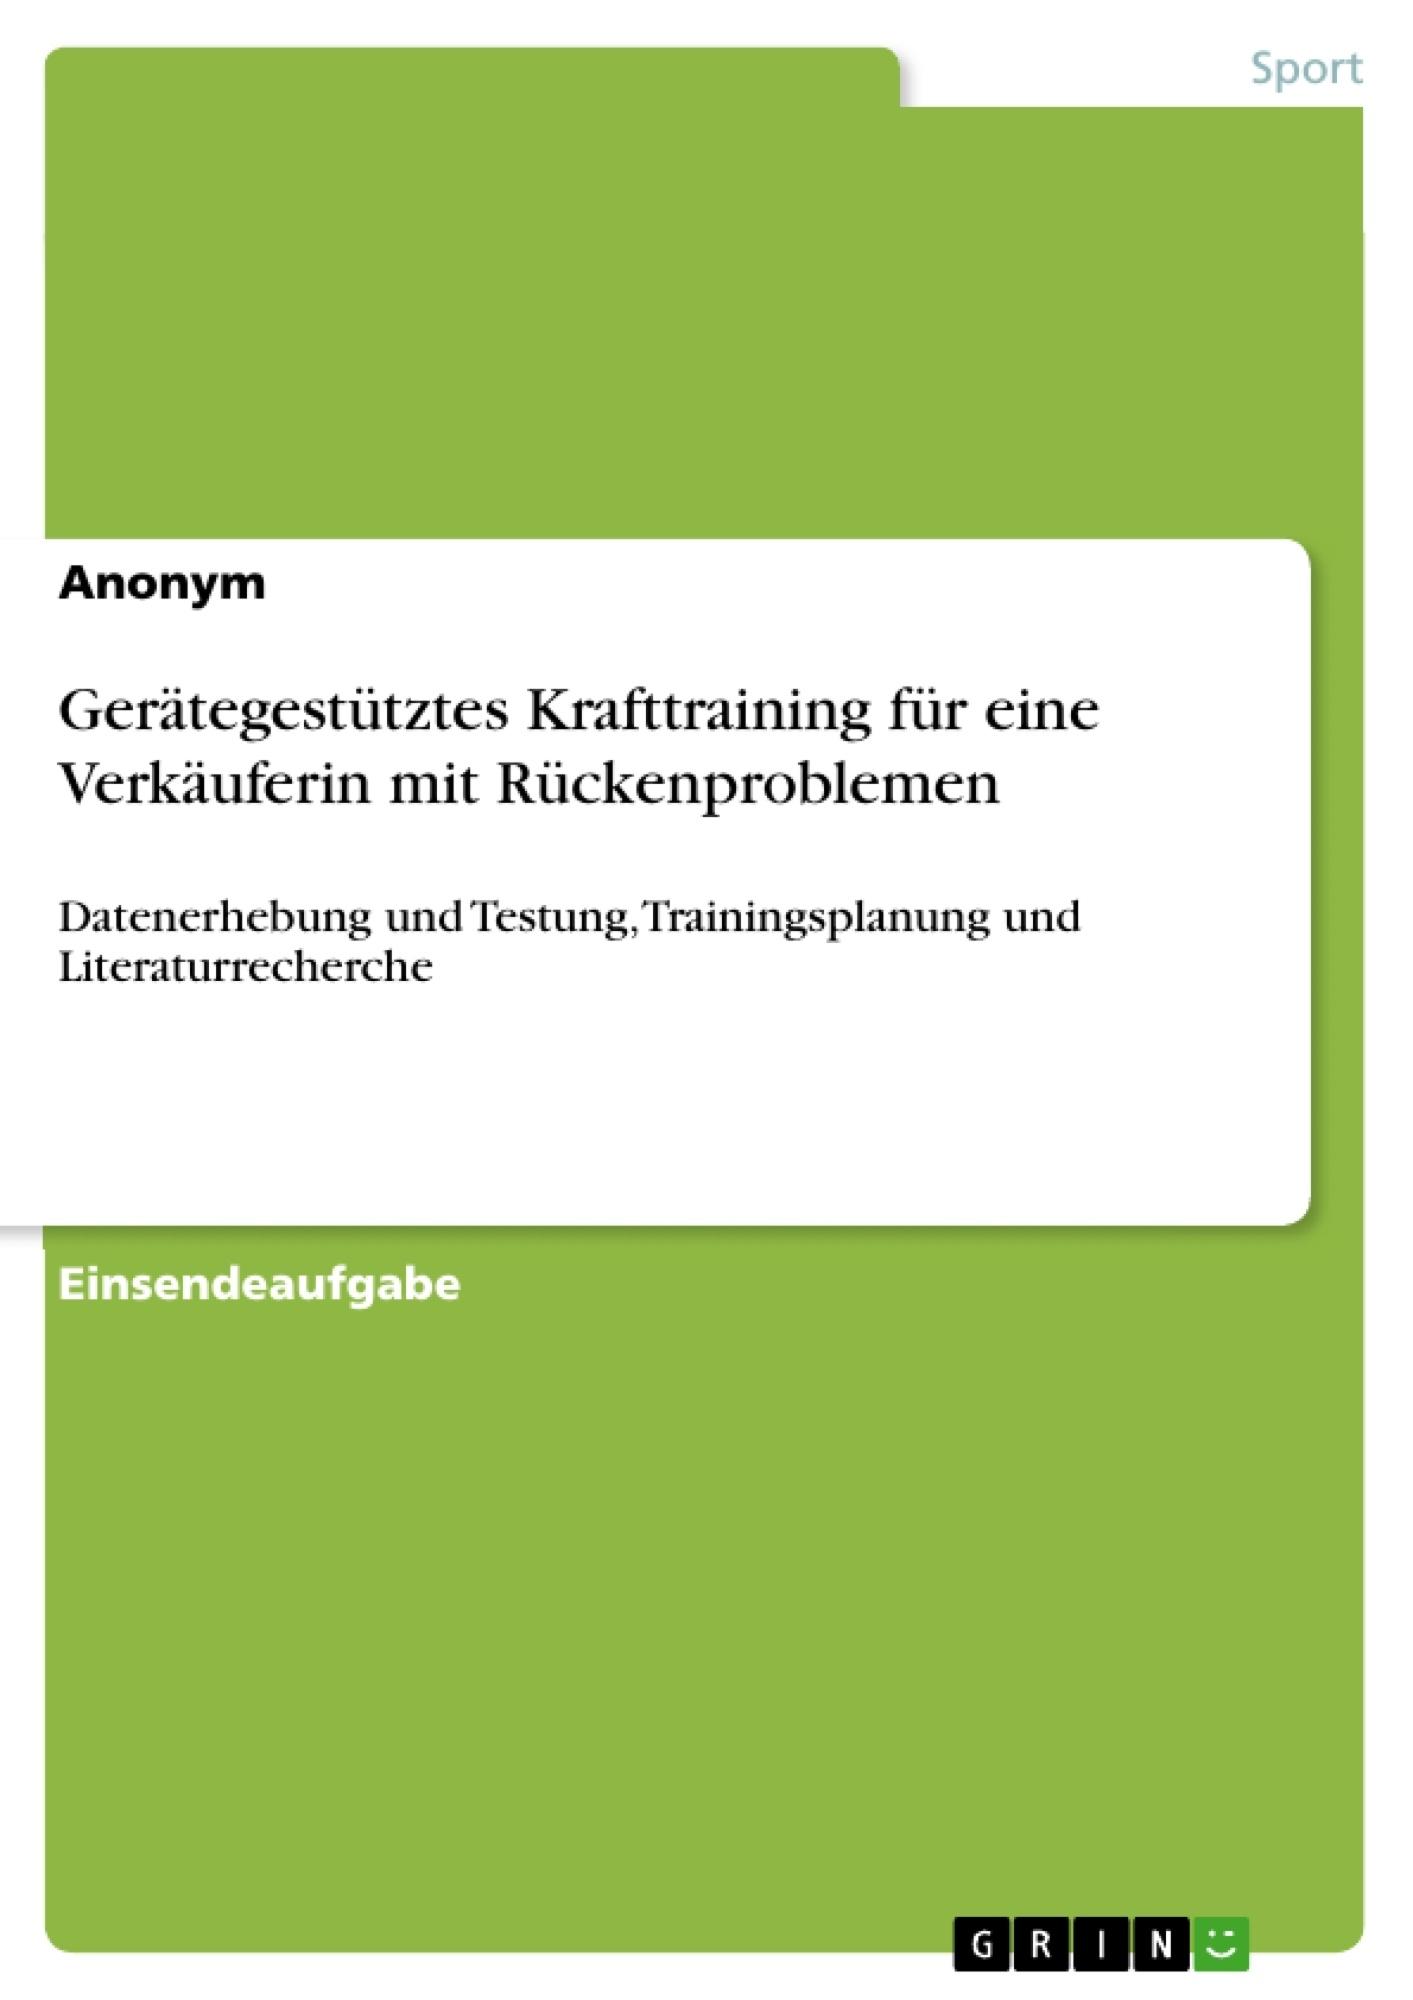 Titel: Gerätegestütztes Krafttraining für eine Verkäuferin mit Rückenproblemen